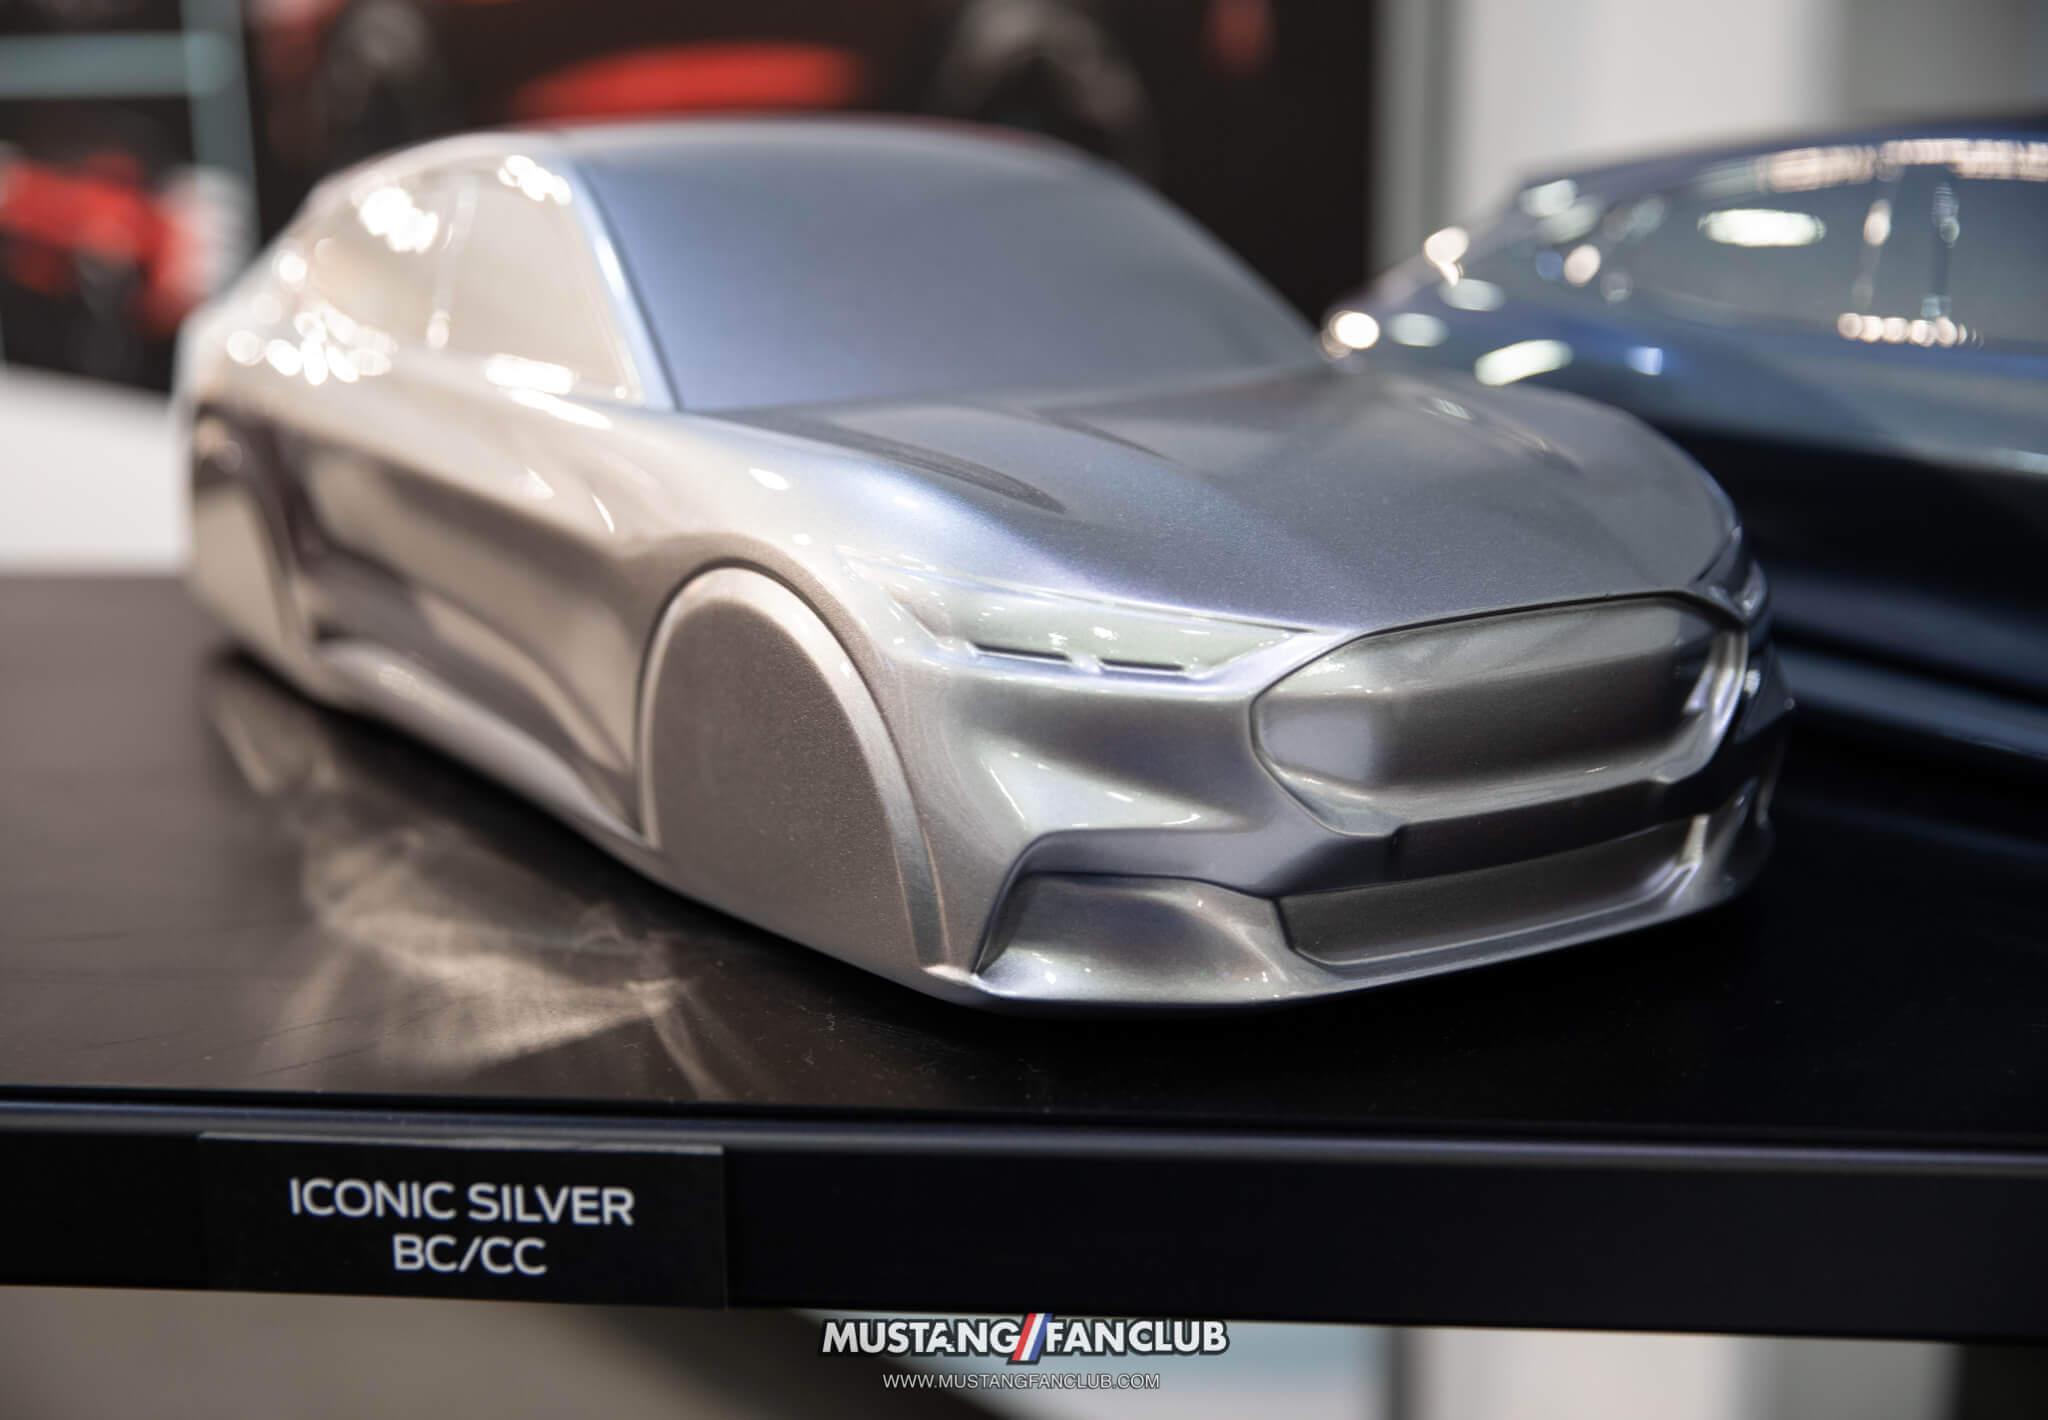 Mach E Iconic Silver